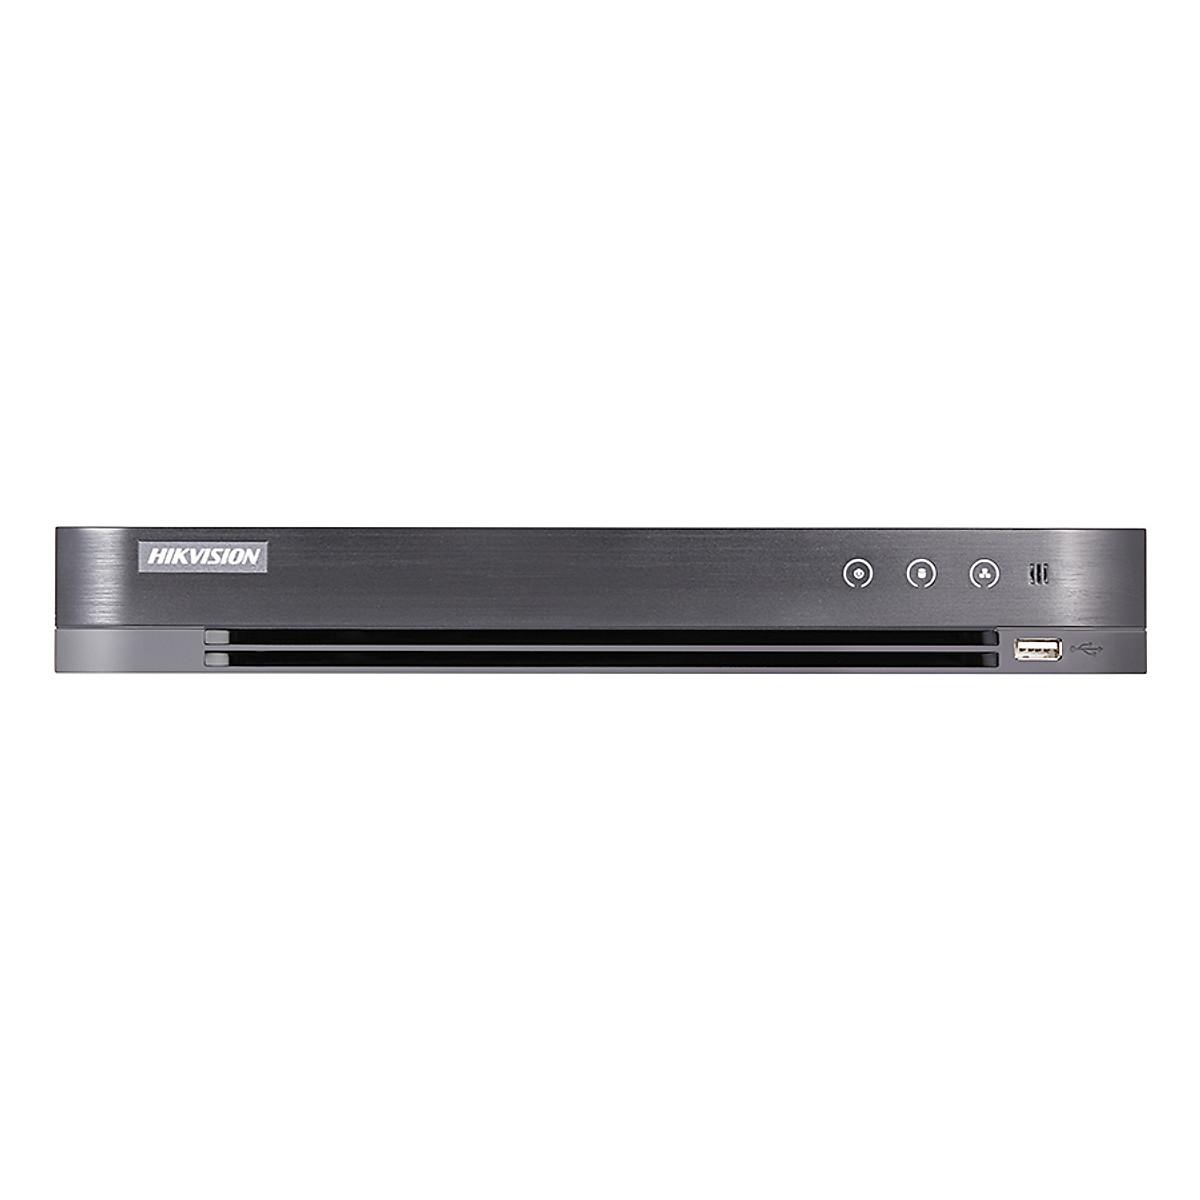 Đầu Ghi Hình 16 Kênh HD-TVI 2MP/3MP Hikvision DS-7216HQHI-K2 – Hàng Nhập Khẩu